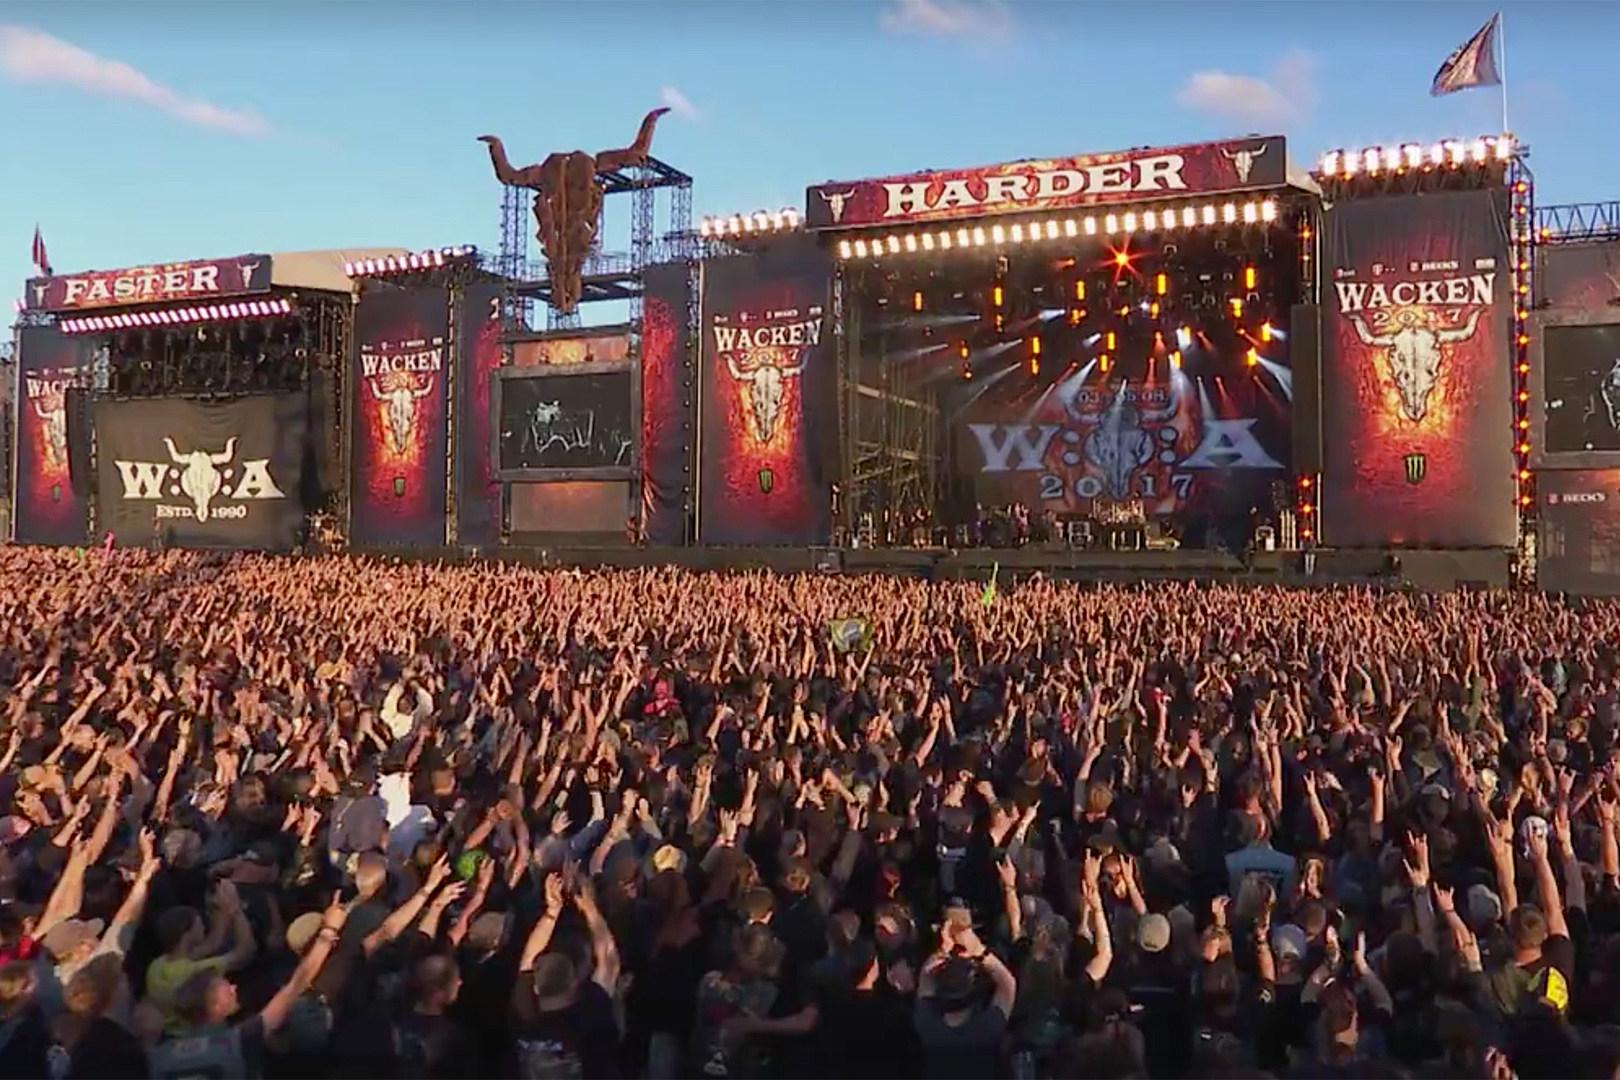 Wacken Crowd Honors Lemmy Singing Along to Motorhead's 'Heroes'